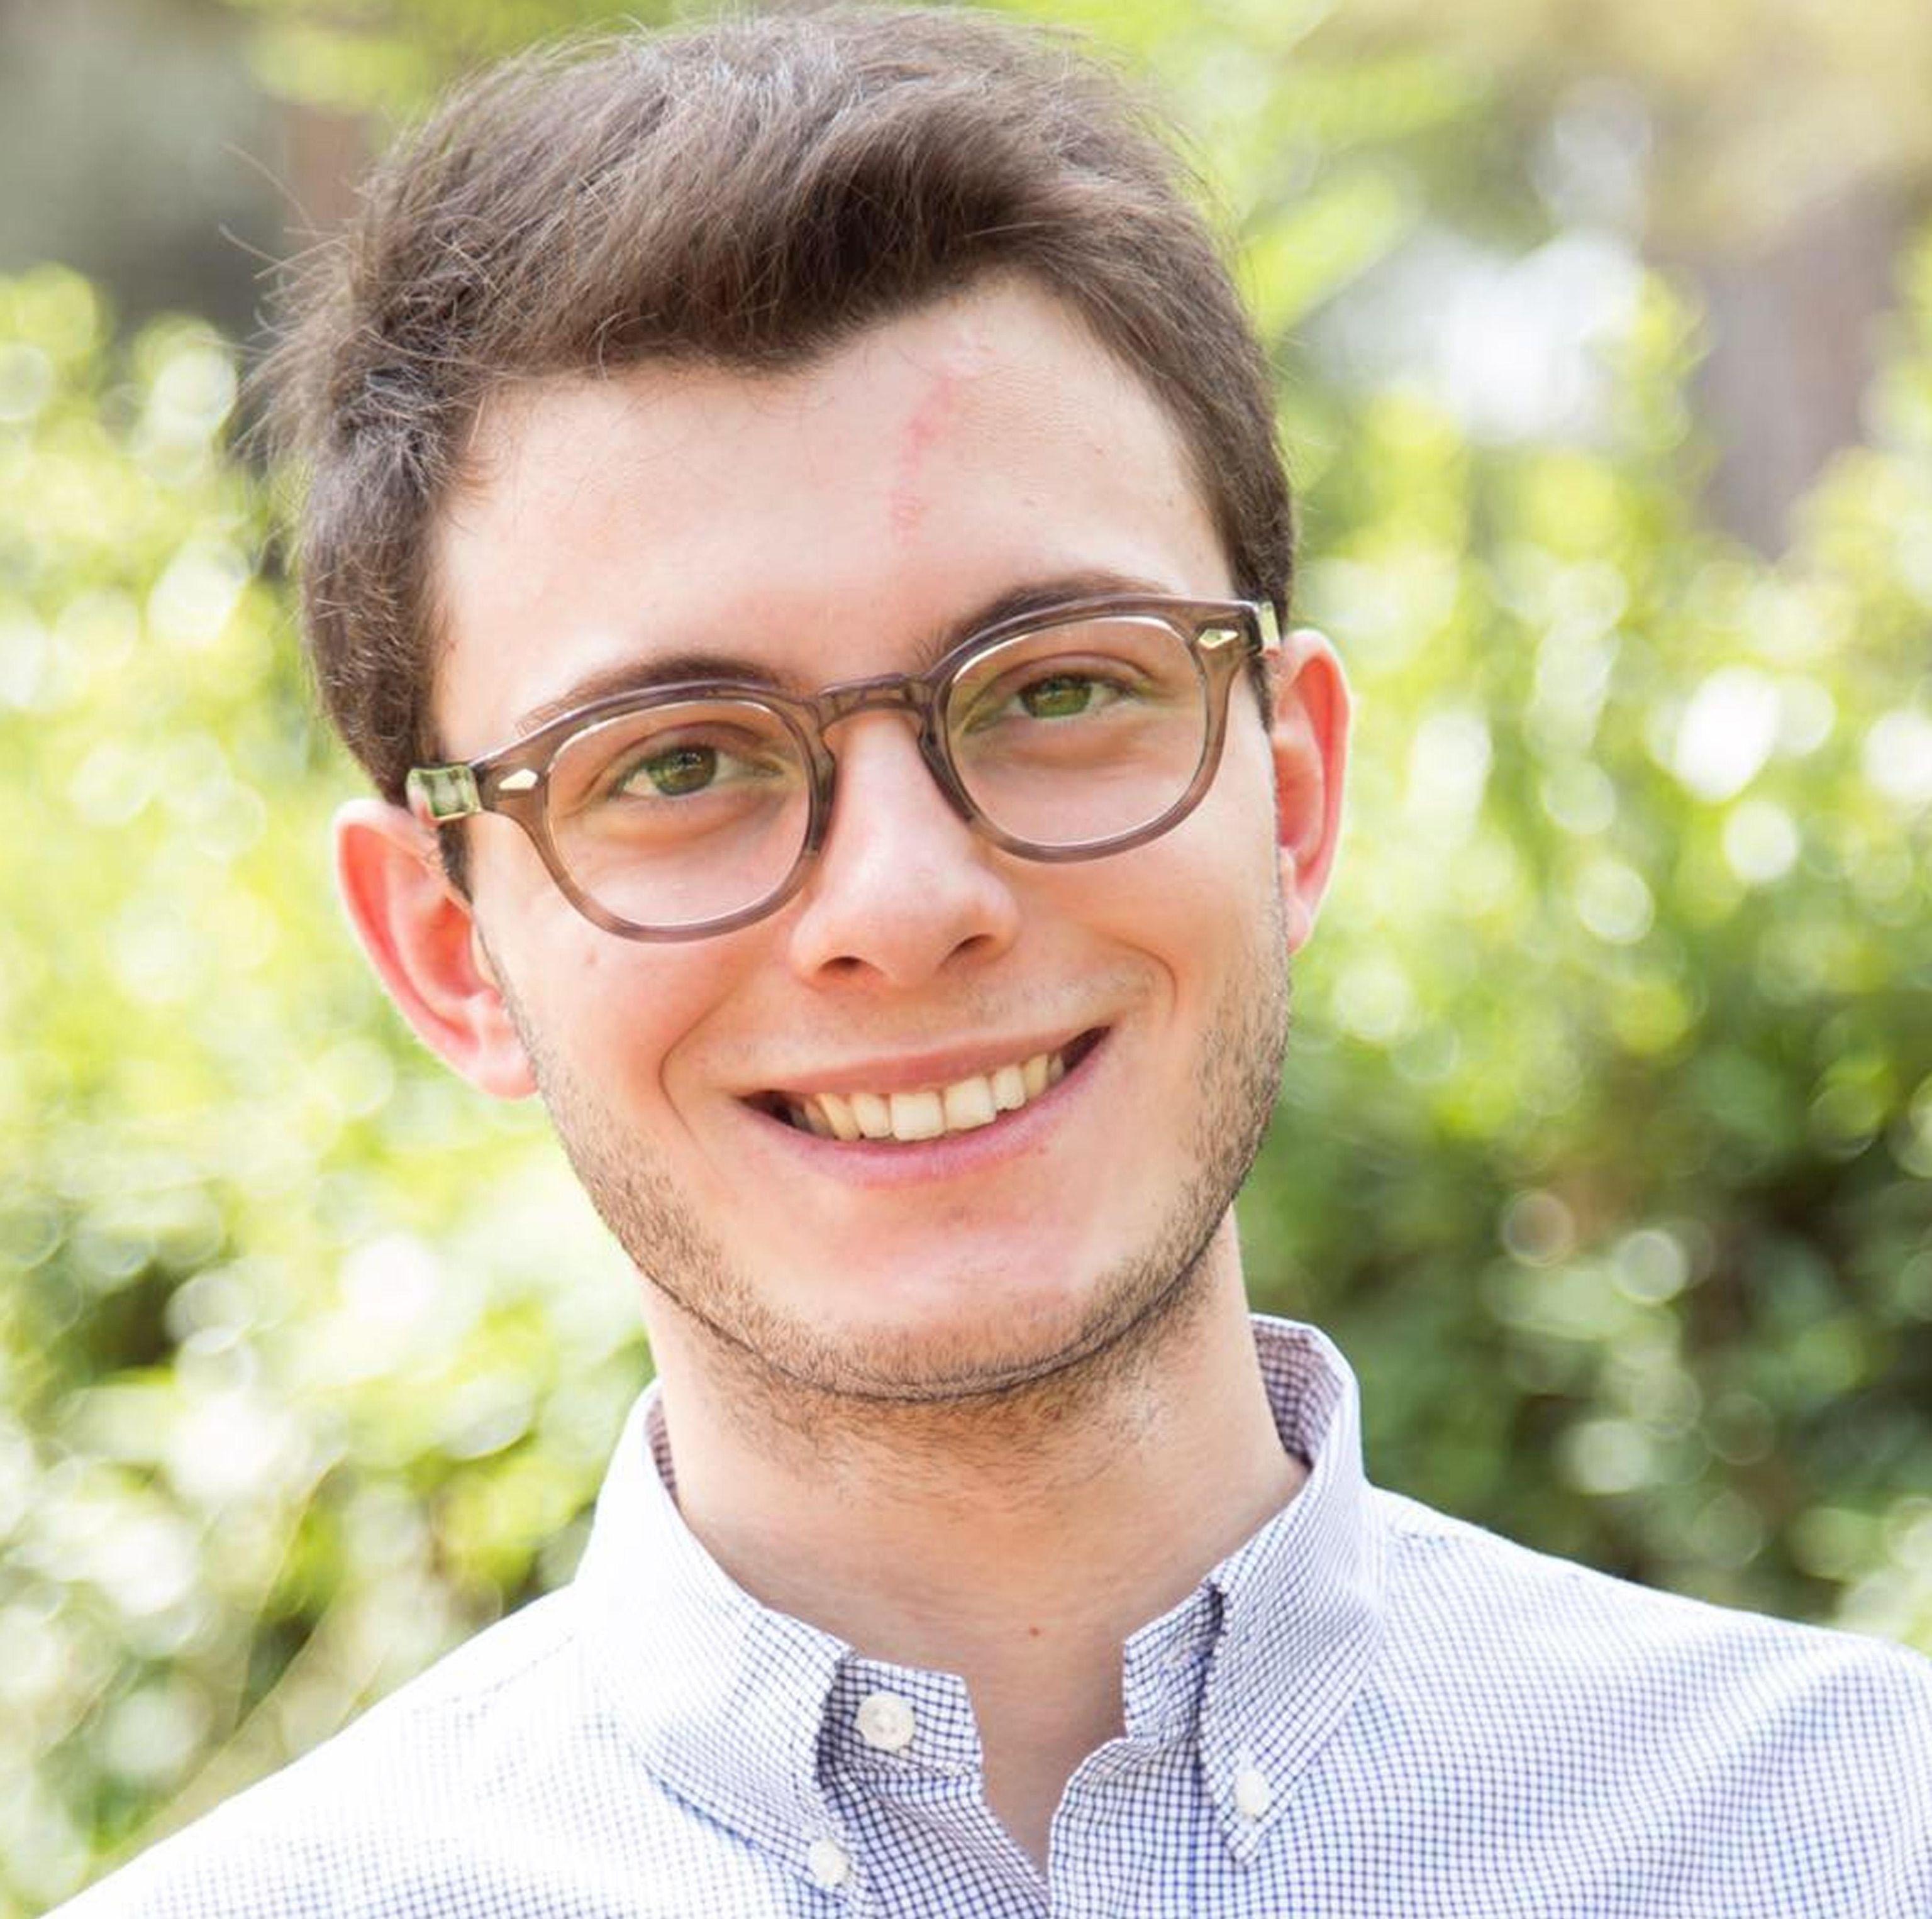 ++ Sicilia: Genovese jr (FI) il più votato a Messina ++